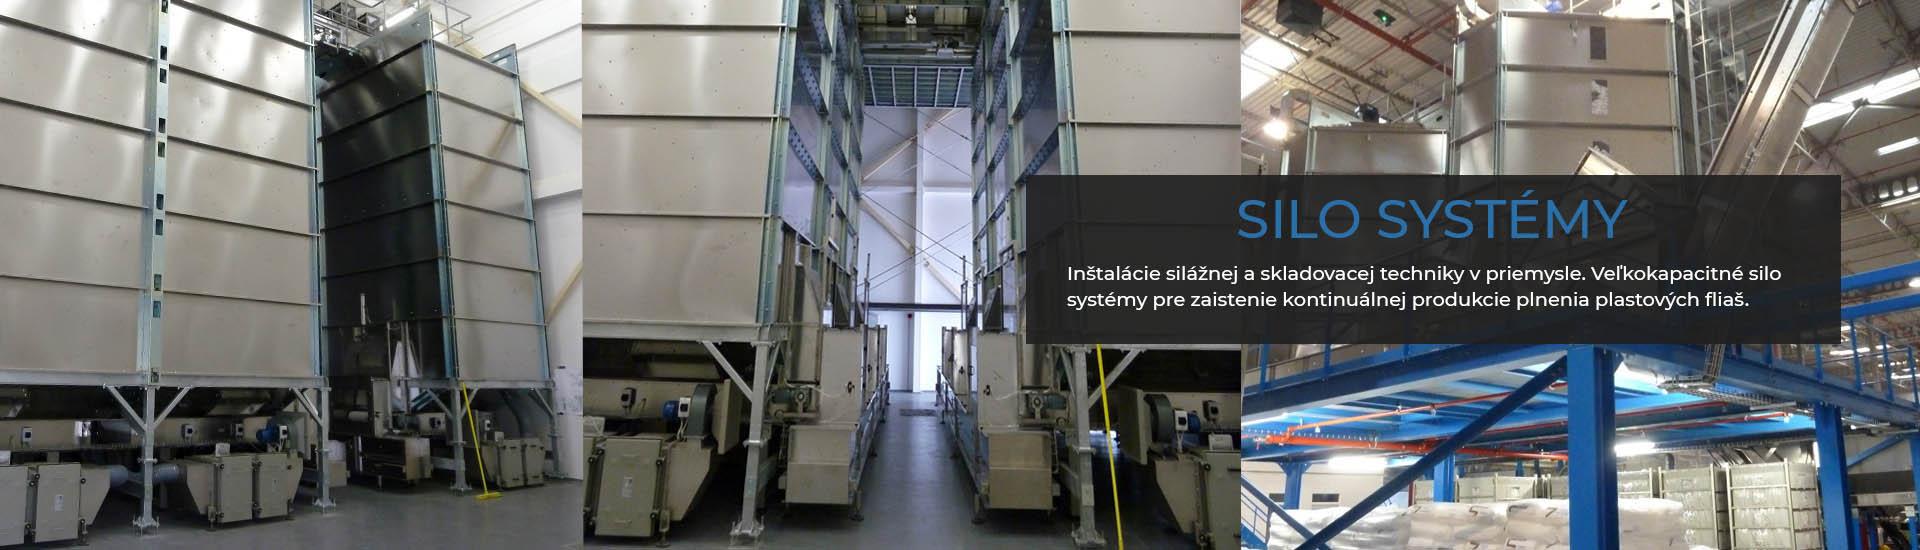 Silo systémy | Proindustry.sk